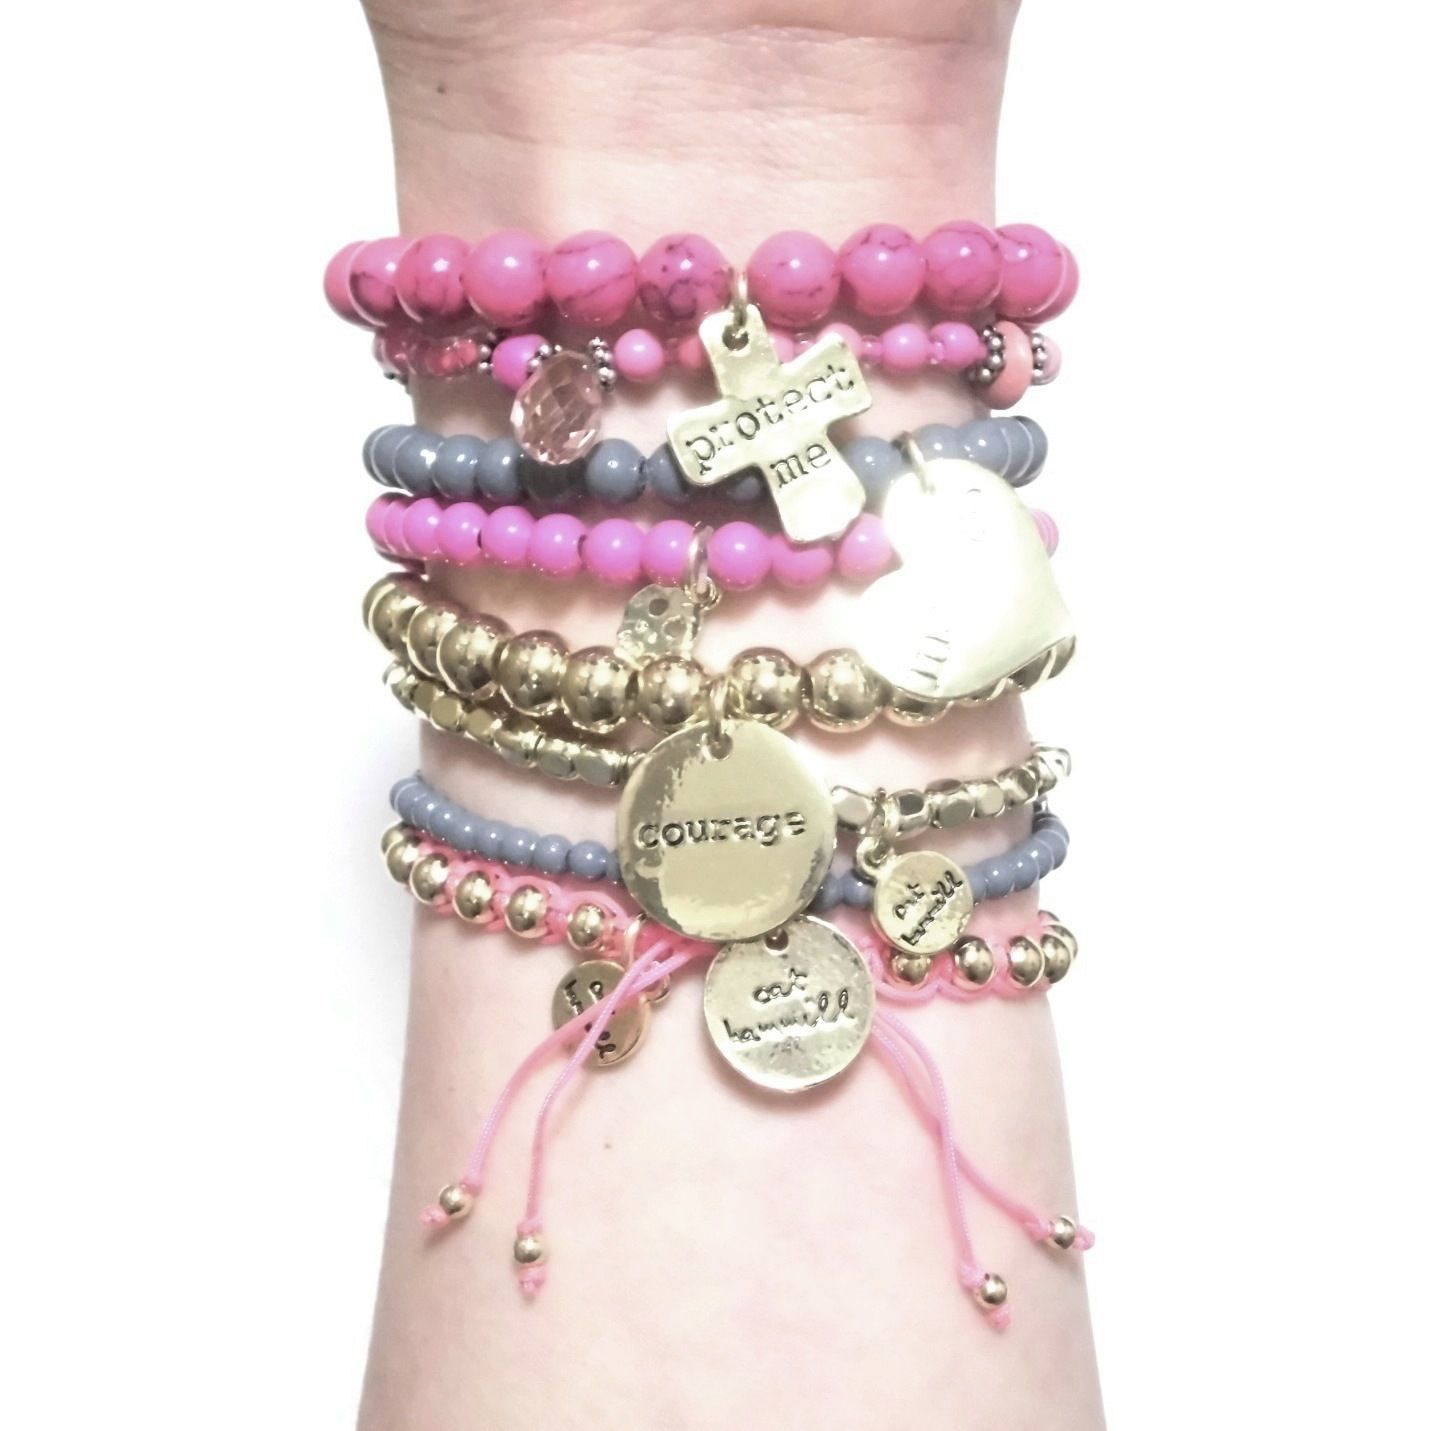 CATHAMMILL キャットハミル オーストラリア の ピンク ブレスレットセット Pop gold pink bracelet ゴールド クロス ハート ブレスレッド 海外 ブランド